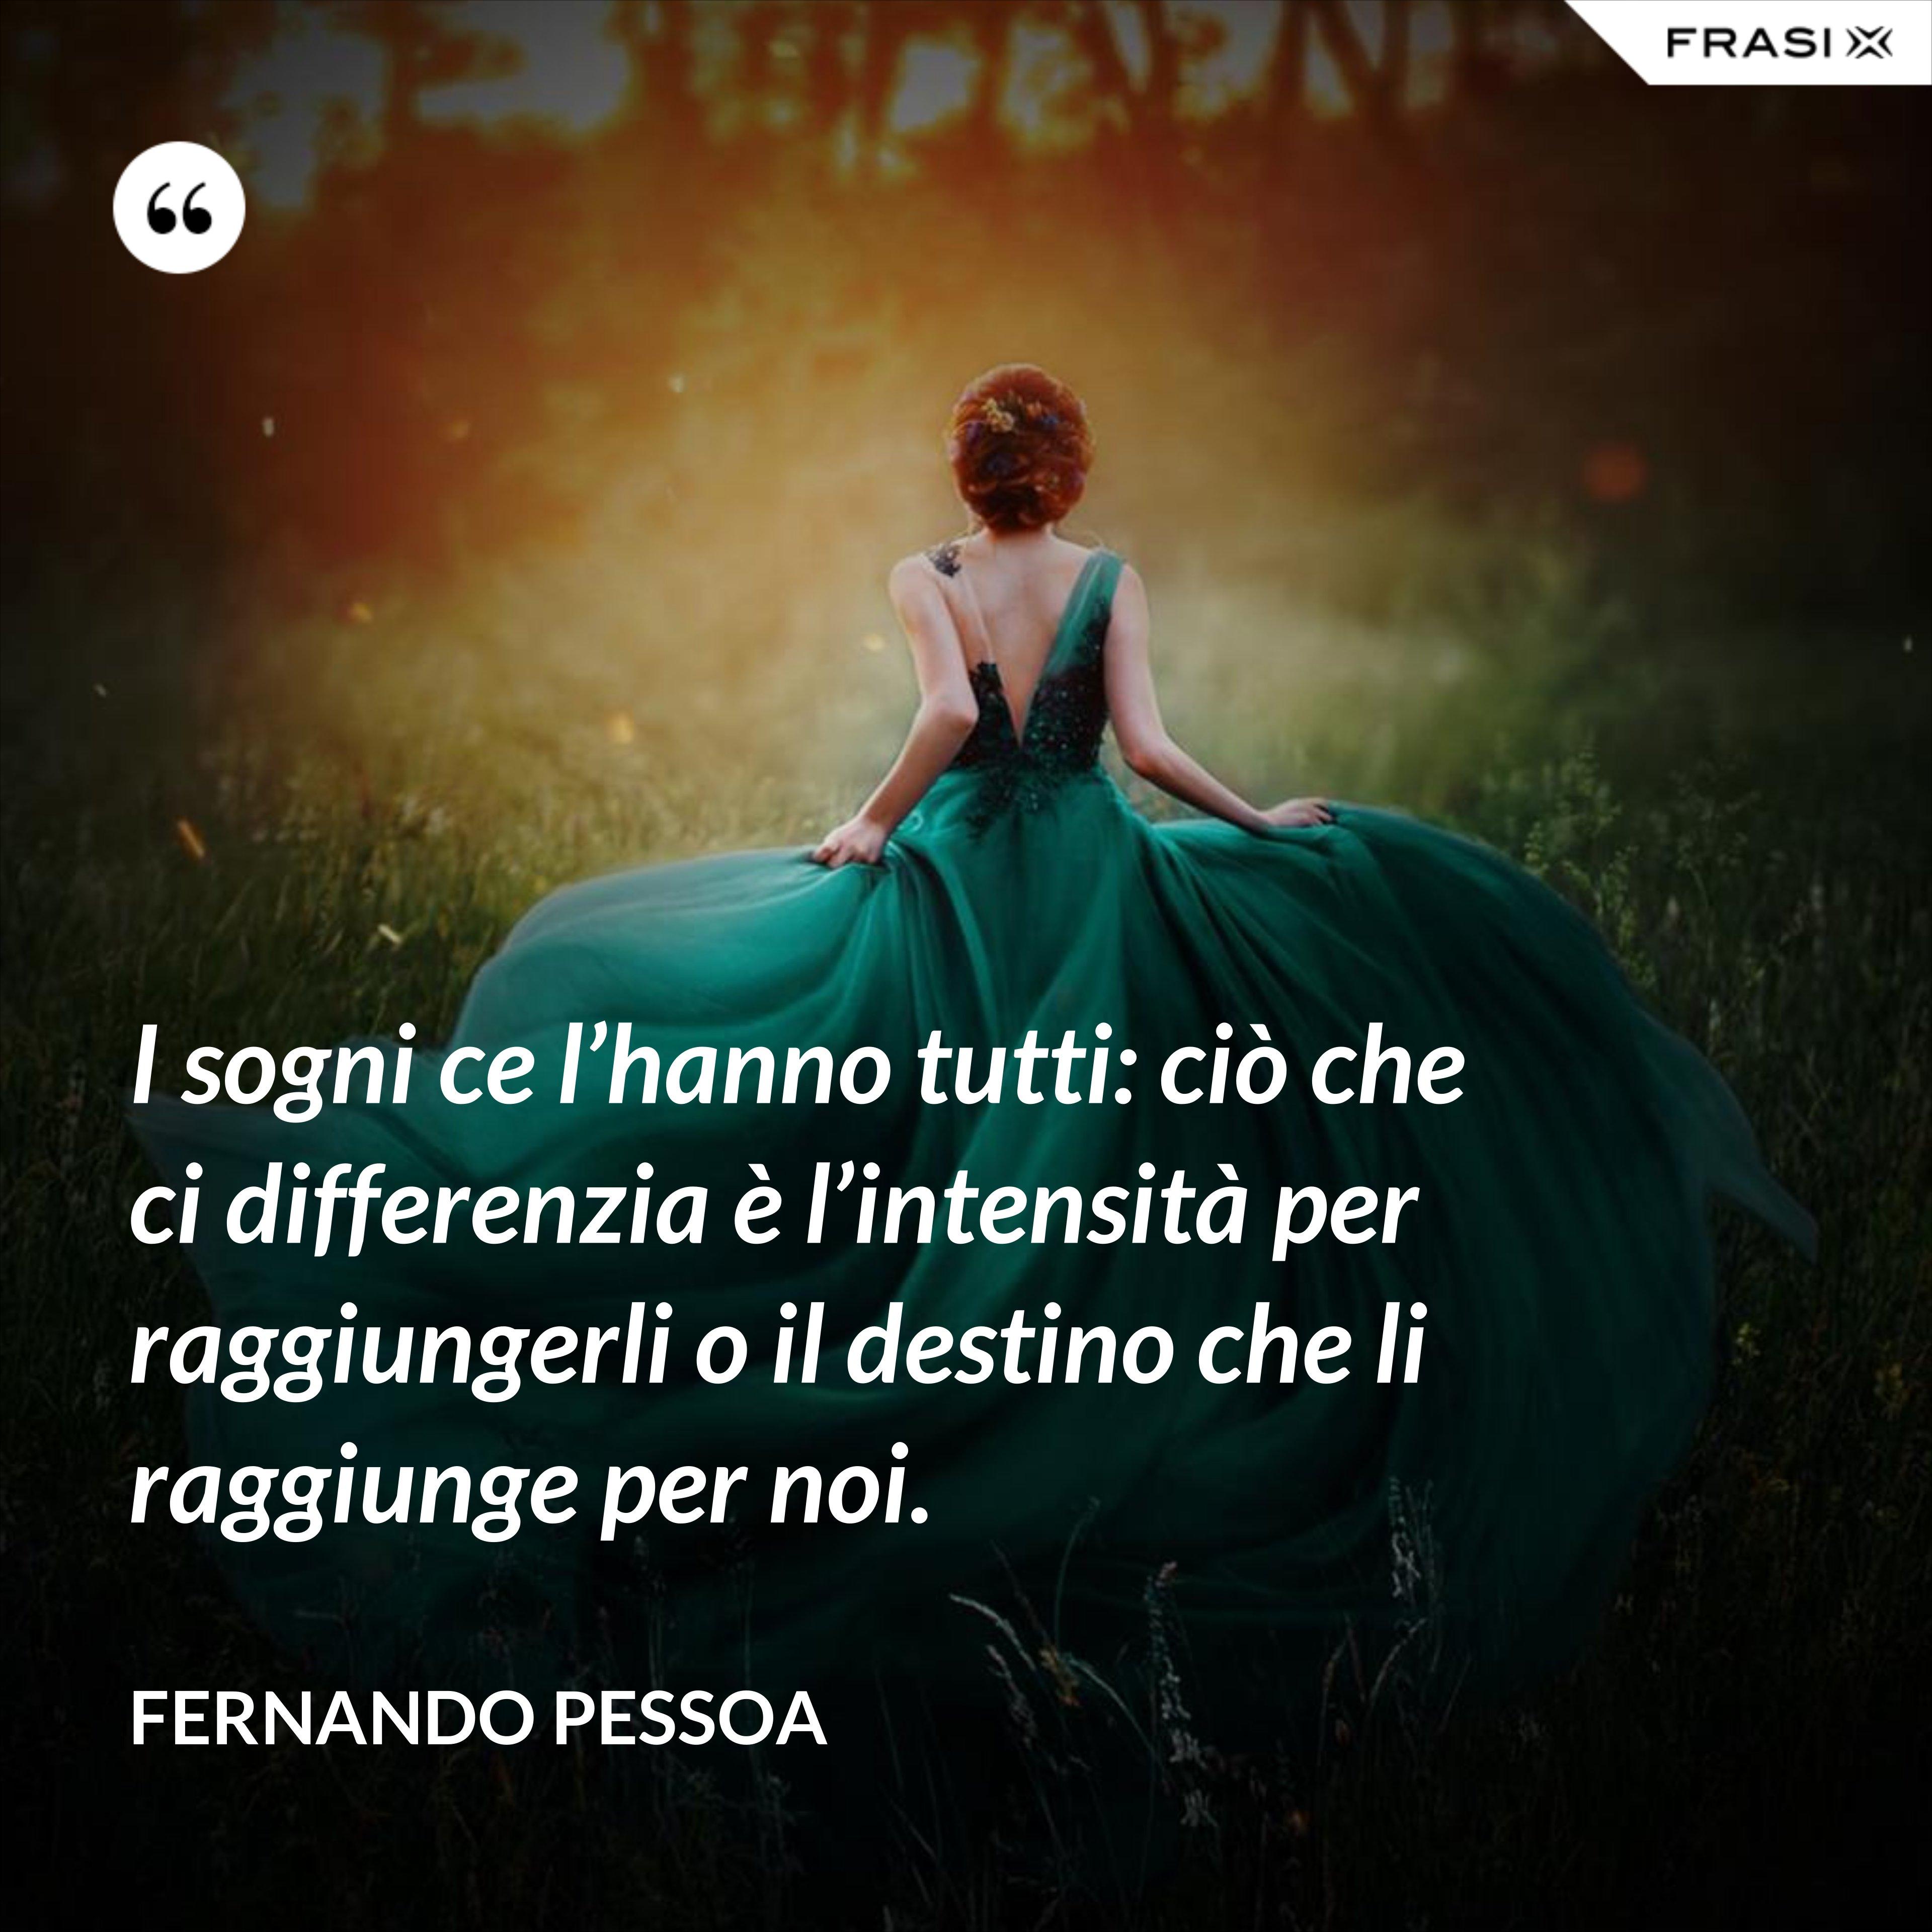 I sogni ce l'hanno tutti: ciò che ci differenzia è l'intensità per raggiungerli o il destino che li raggiunge per noi. - Fernando Pessoa